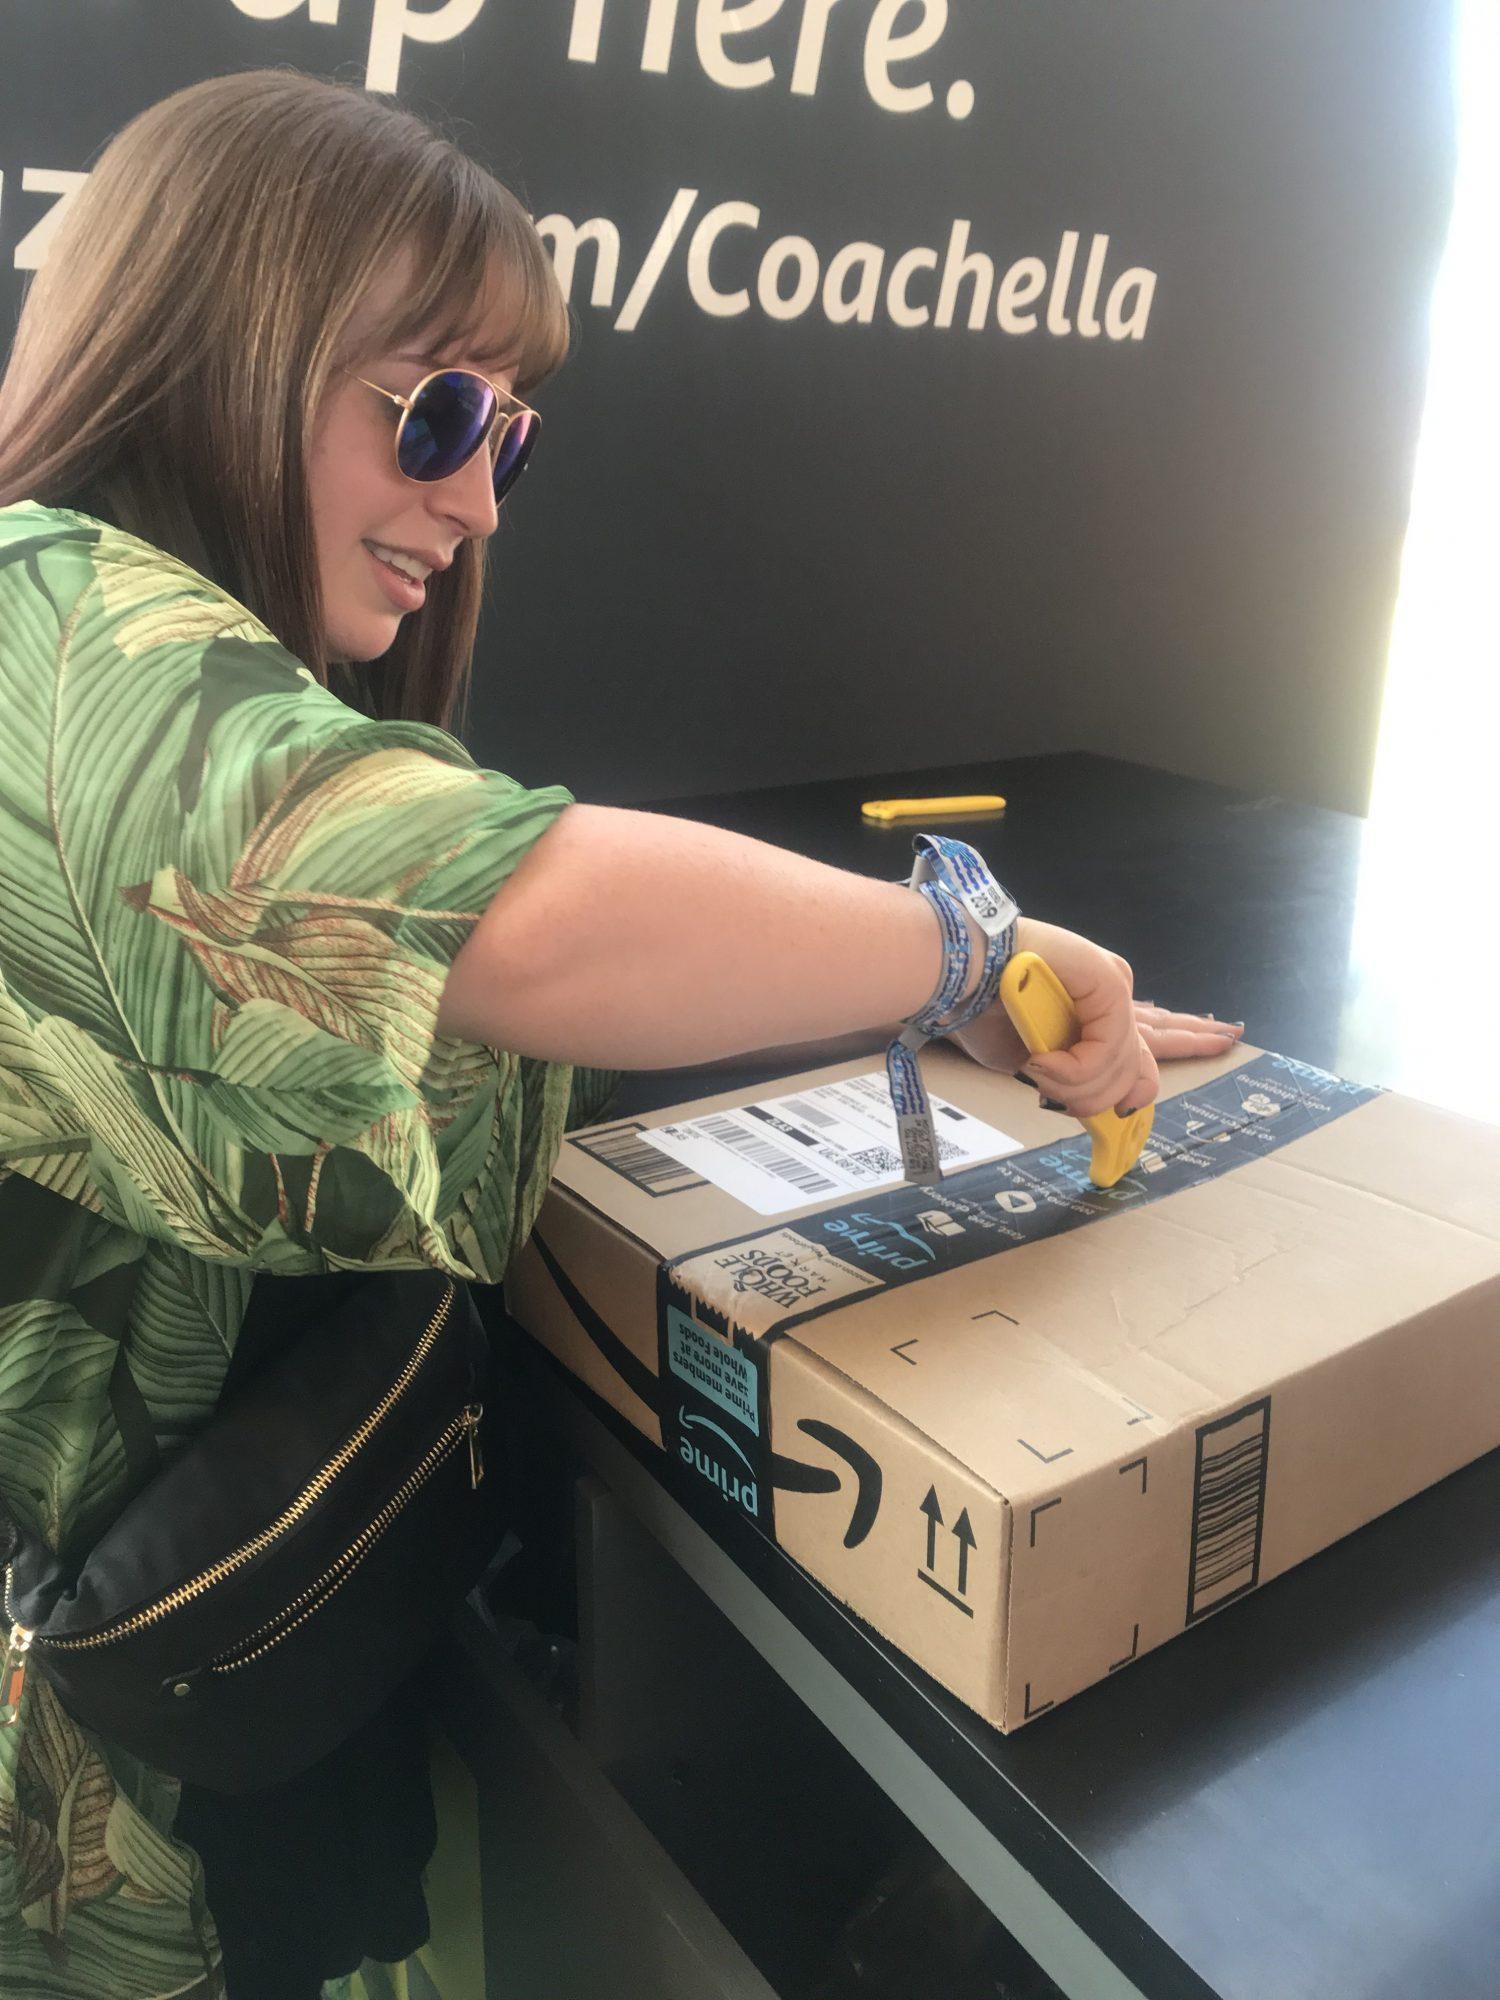 coachella-box-e1555384272354.jpg